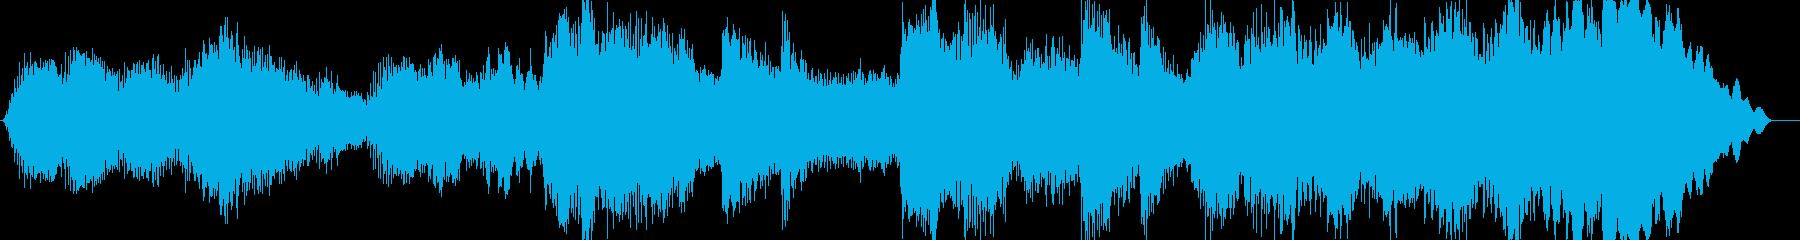 暖かな印象のクラシック楽曲の再生済みの波形